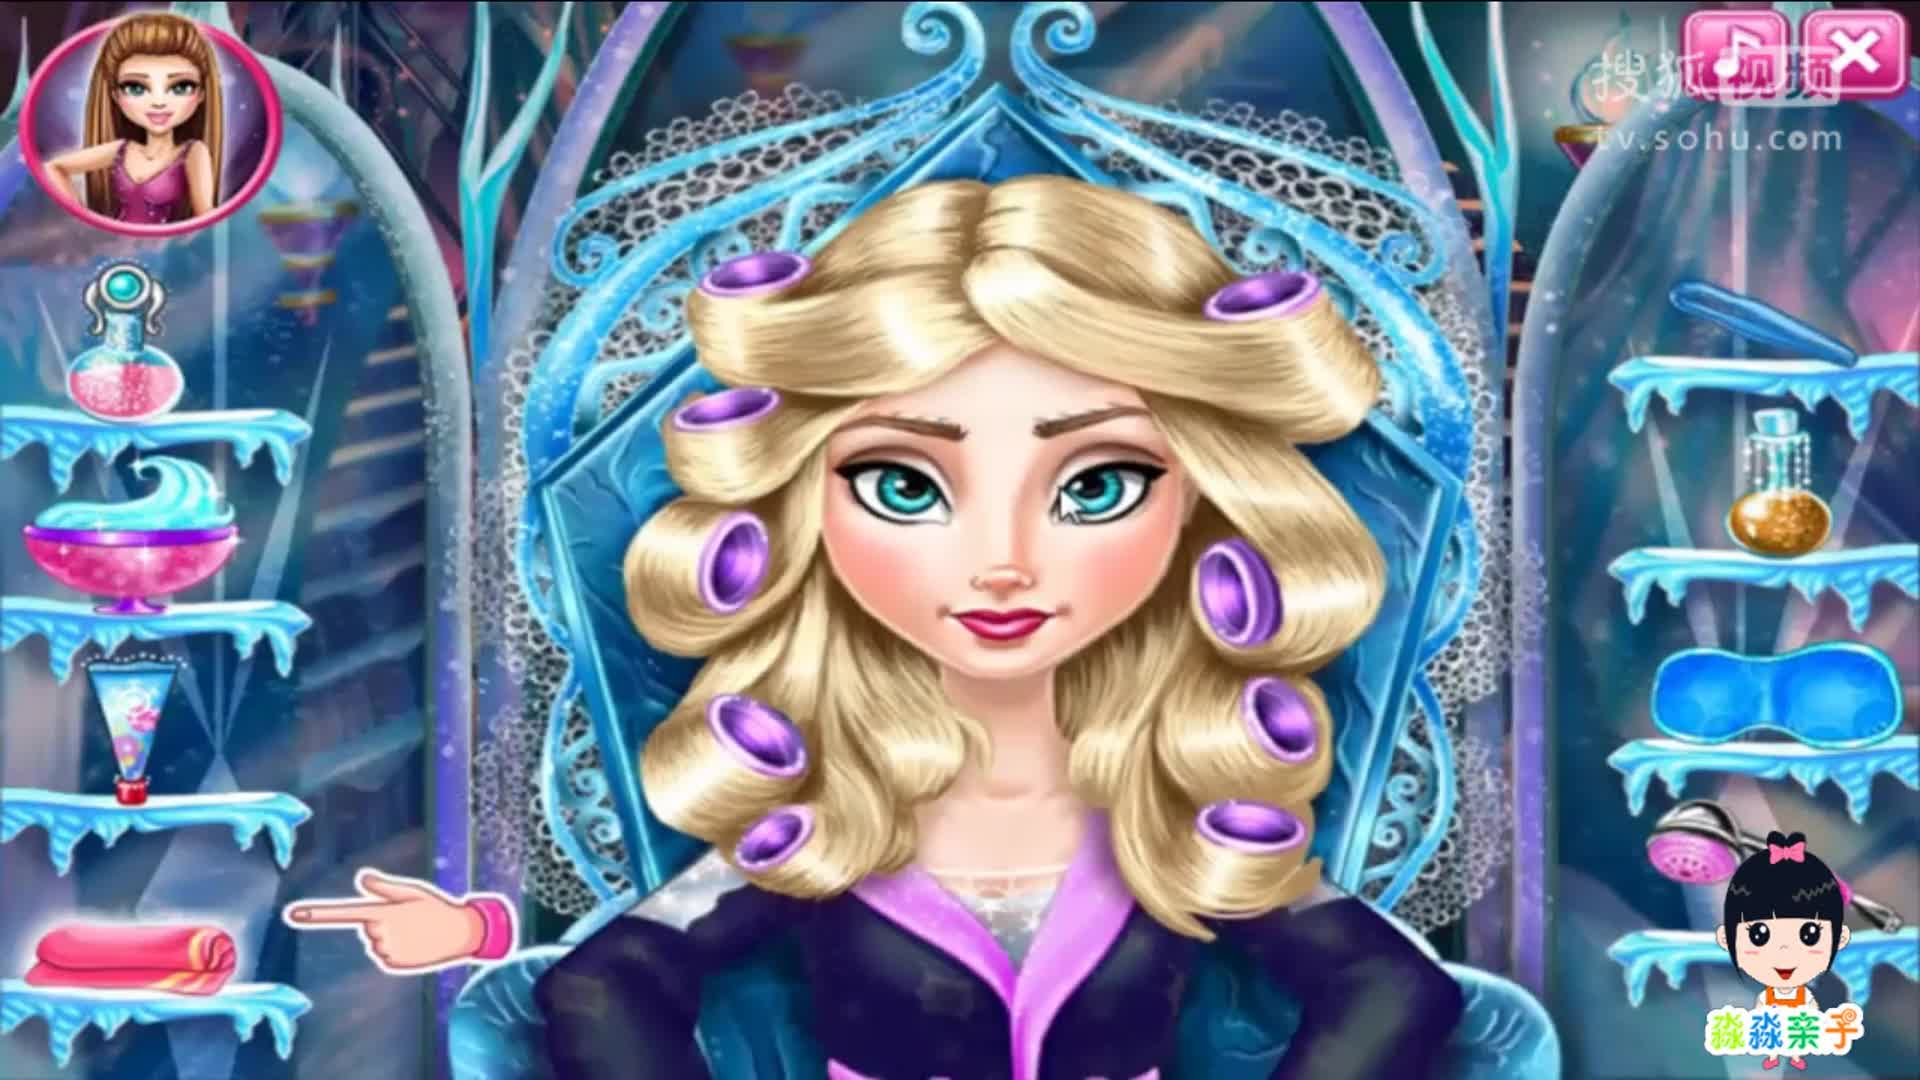 迪斯尼公主艾尔莎女王长发公主灰姑娘安娜白雪公主 美发化妆时尚.